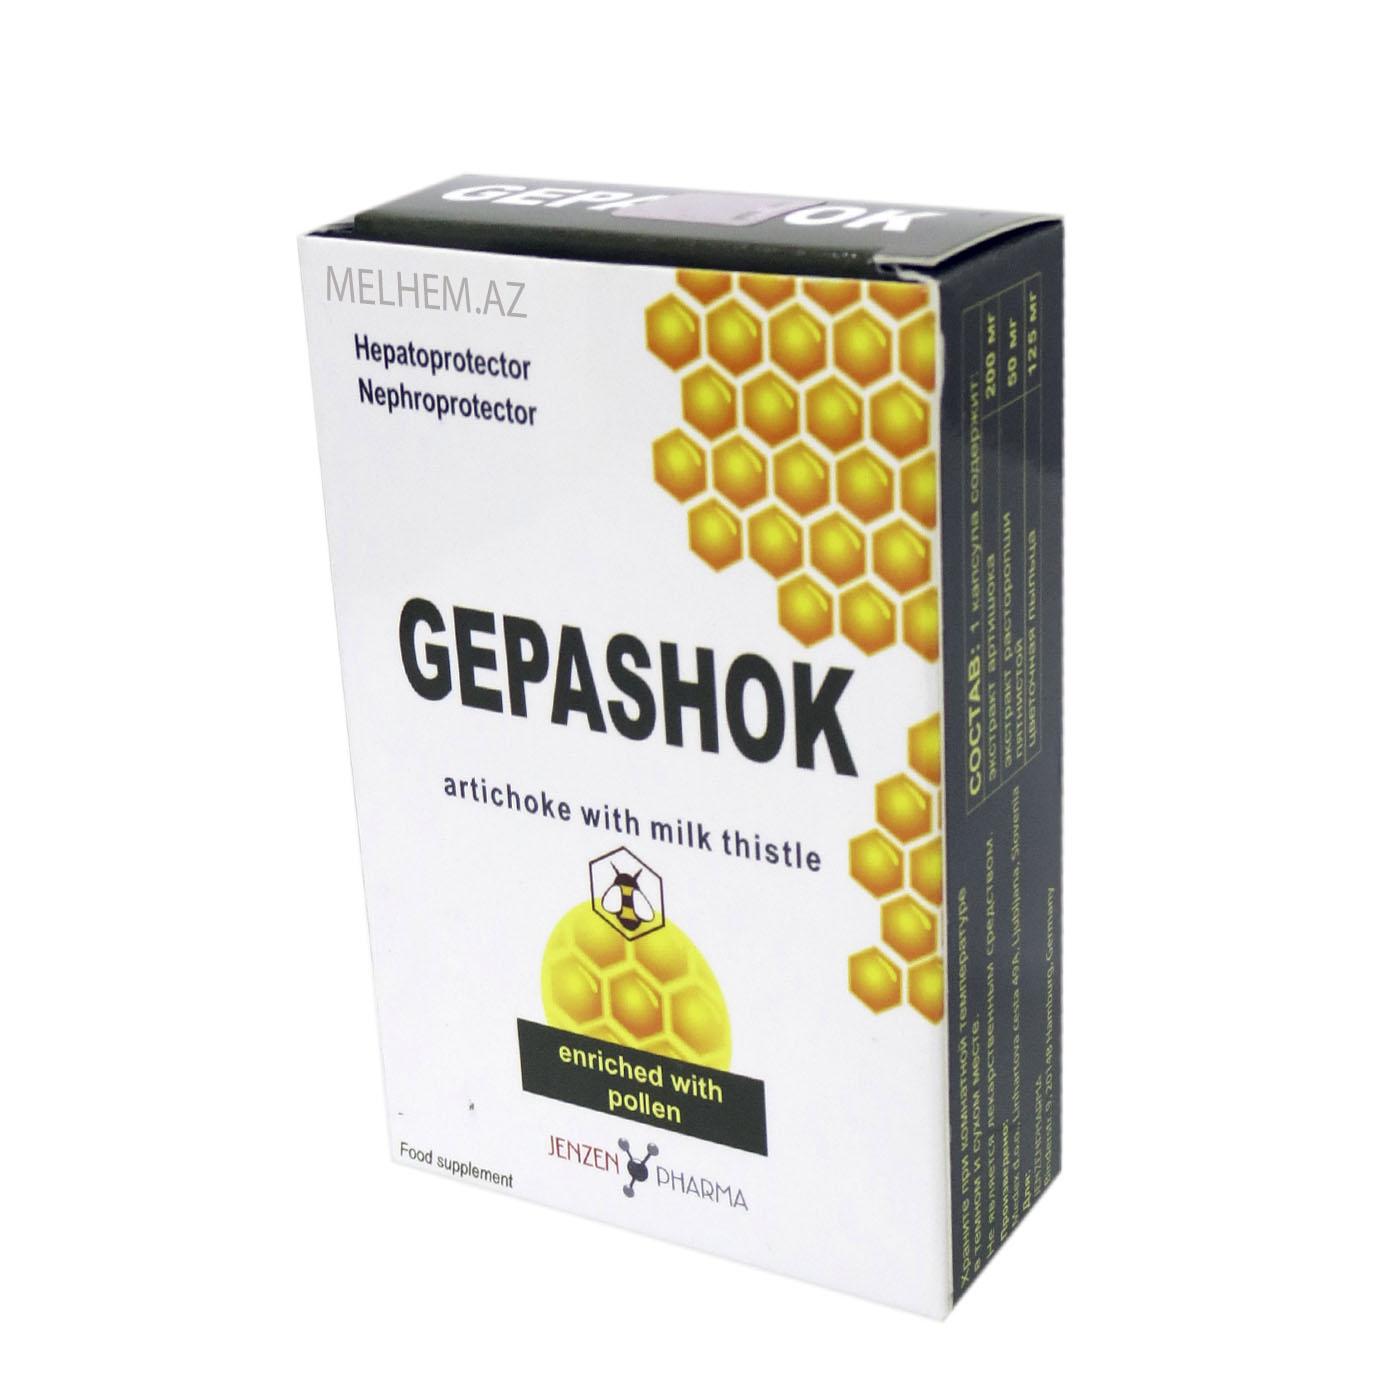 GEPASHOK N30